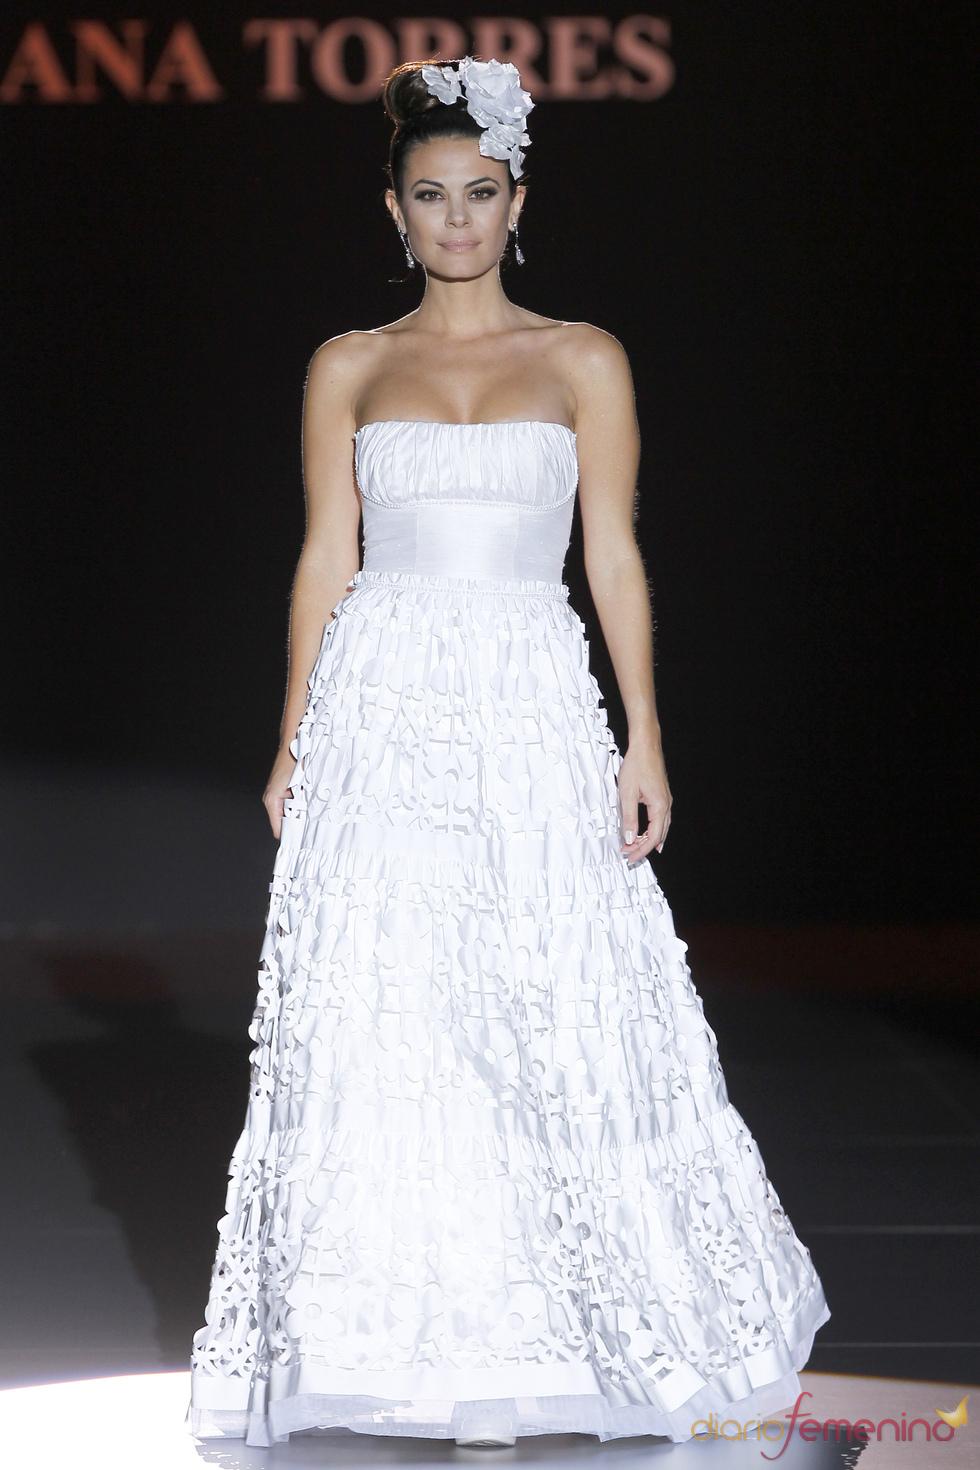 Vestido palabra de honor de Ana Torres